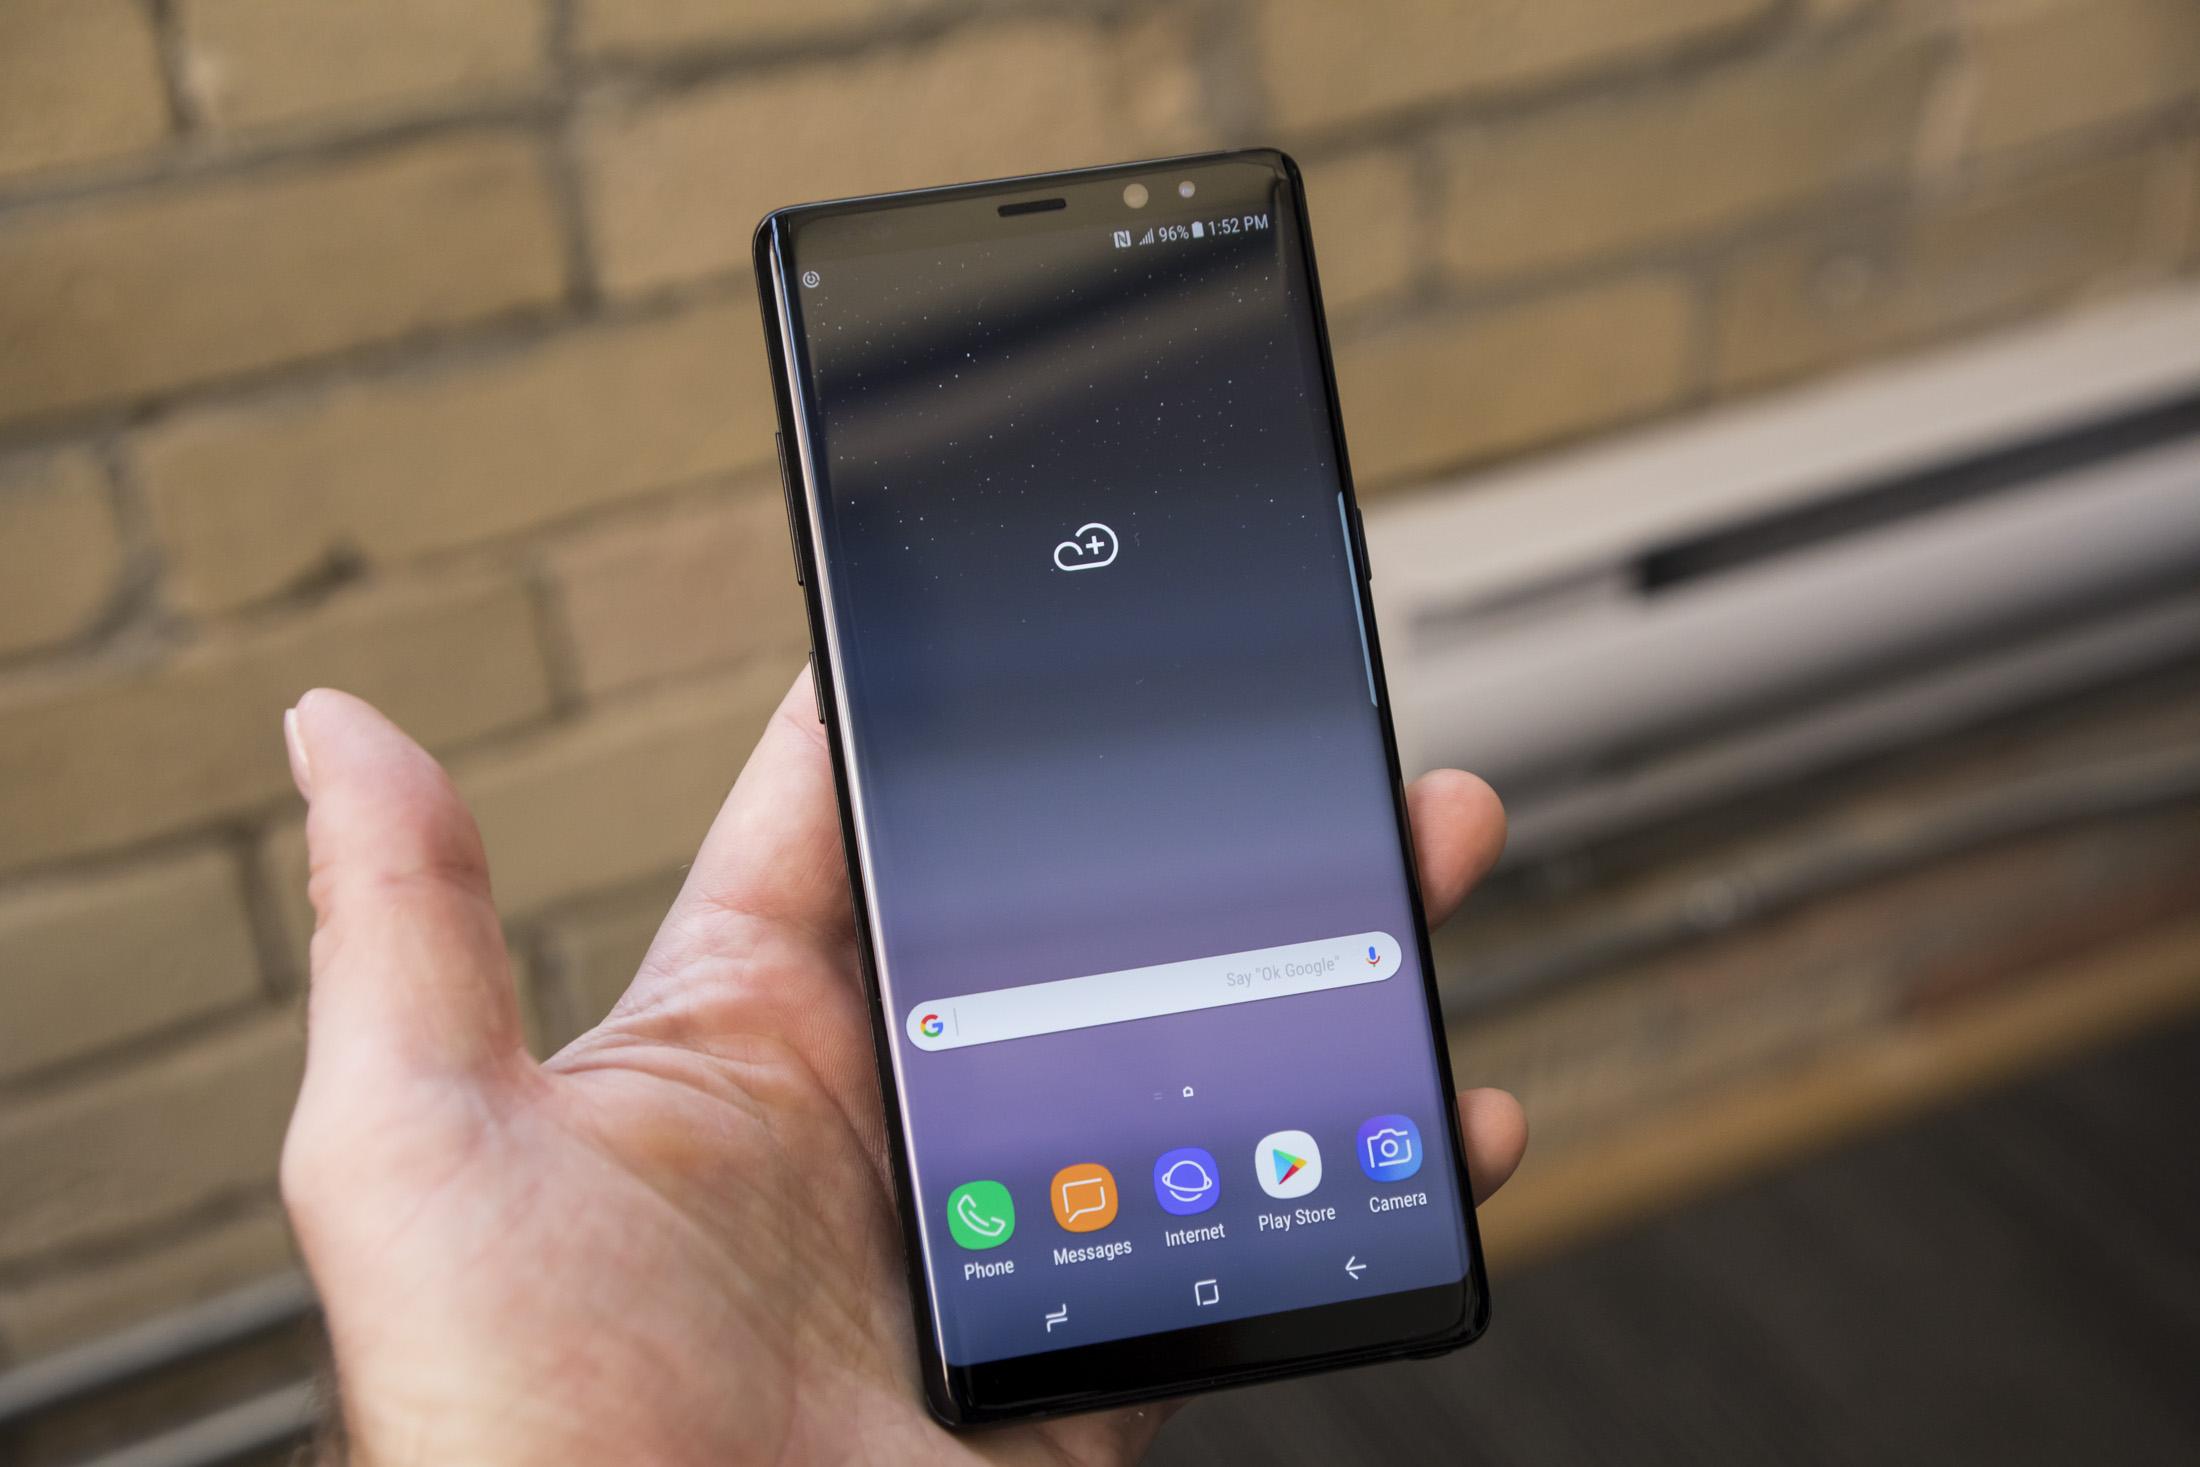 Ce qu'il faut savoir avant d'espionner un Samsung